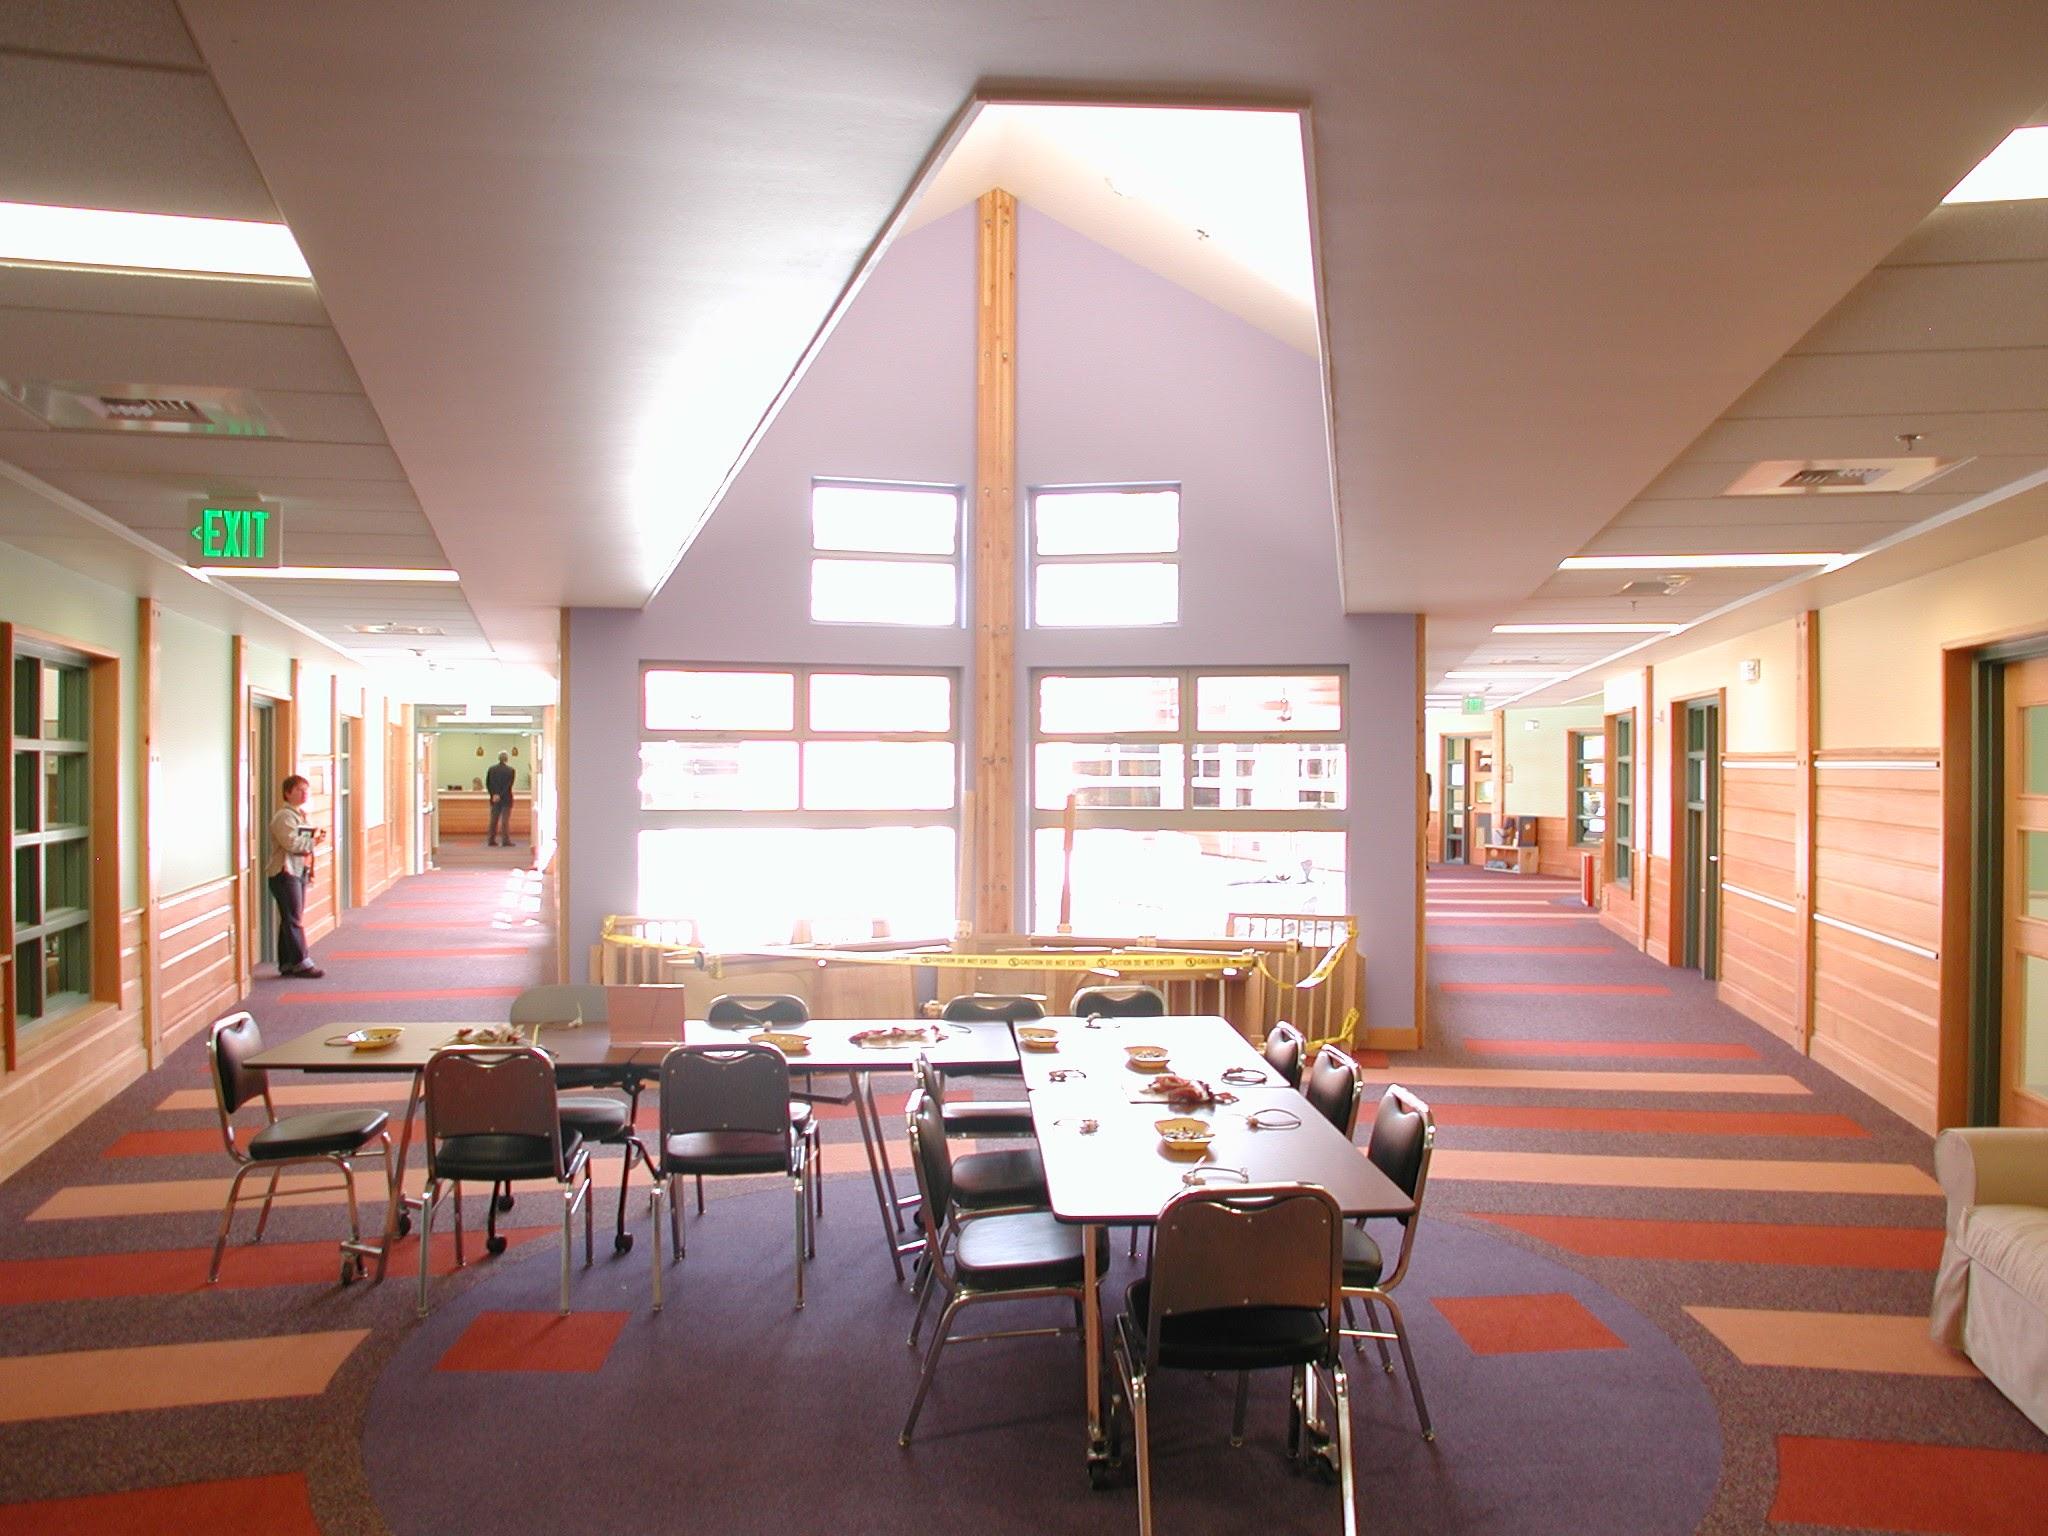 Highline_Corridor_Crafts.jpg